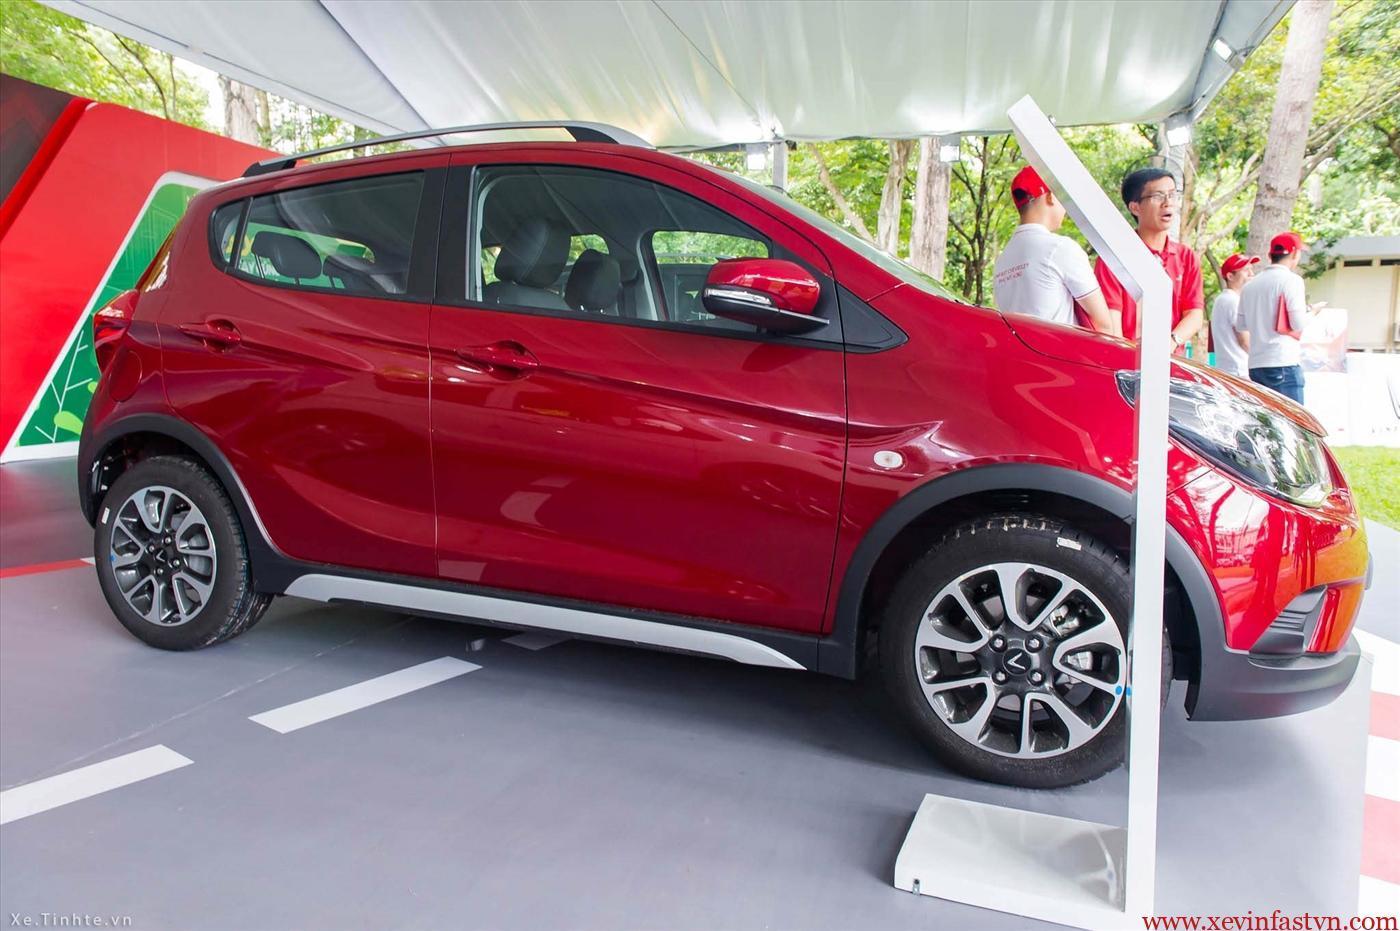 Vinfast Fadil Hatchback 1.4L At Phiên Bản Tiêu Chuẩn (Máy Xăng) - Hình 7